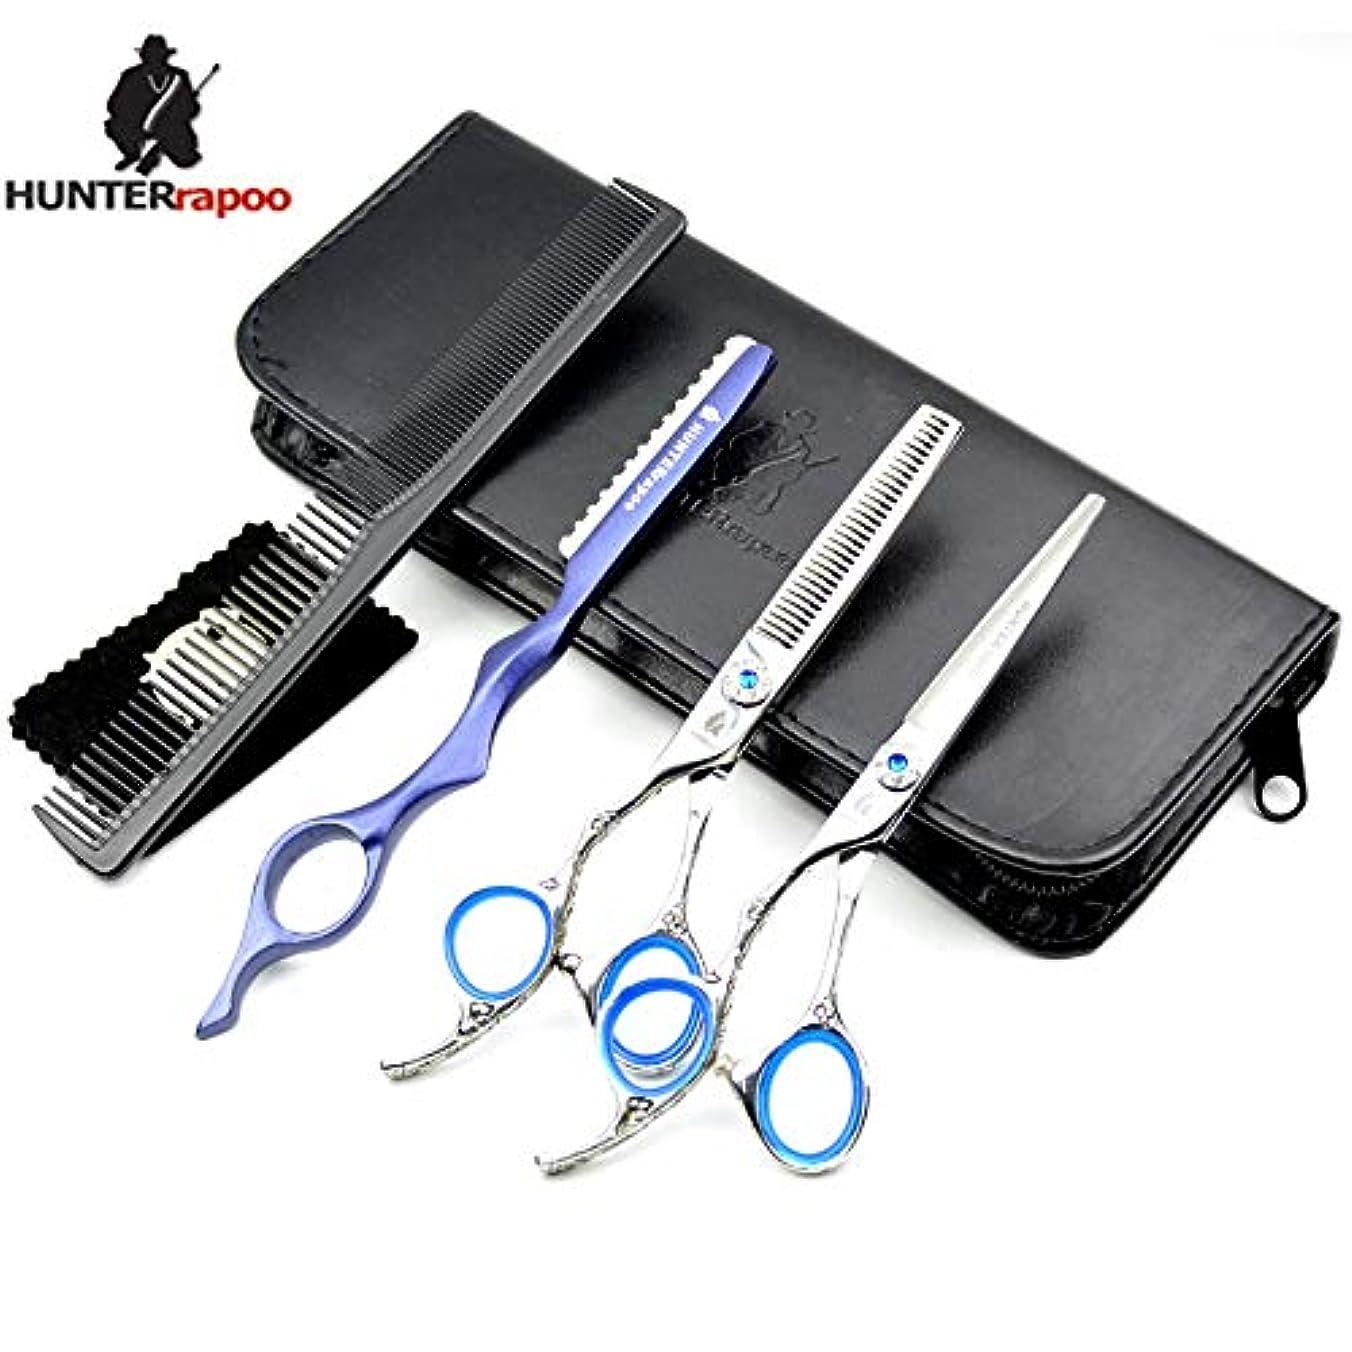 カットシザー 散髪用はさみ 散髪 ヘアカット 美容師 理容師 プロ用高級シザー ハサミ スキハサミ ベーシック セニング 高級はさみ2本セット 収納シザーケース付き